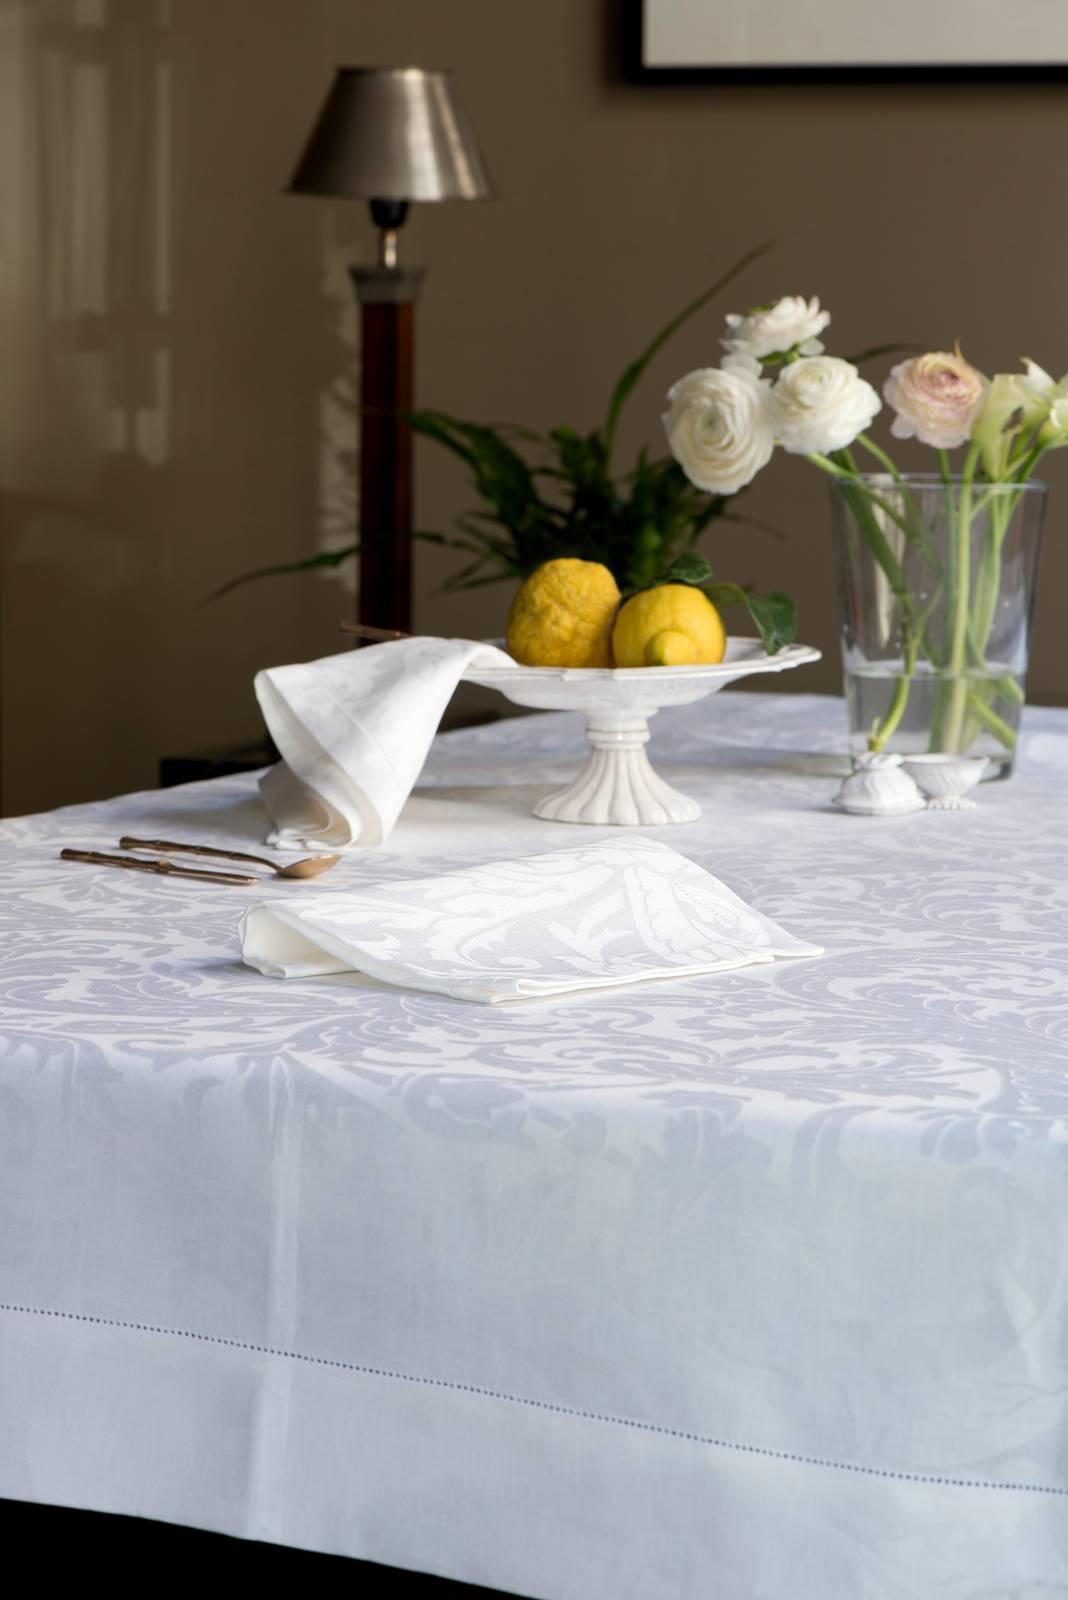 tovaglie di lino fatte a mano n.2 una bianca e l'altra gialla 2.50x2.15. Tovaglie Per La Tavola D Estate Cose Di Casa